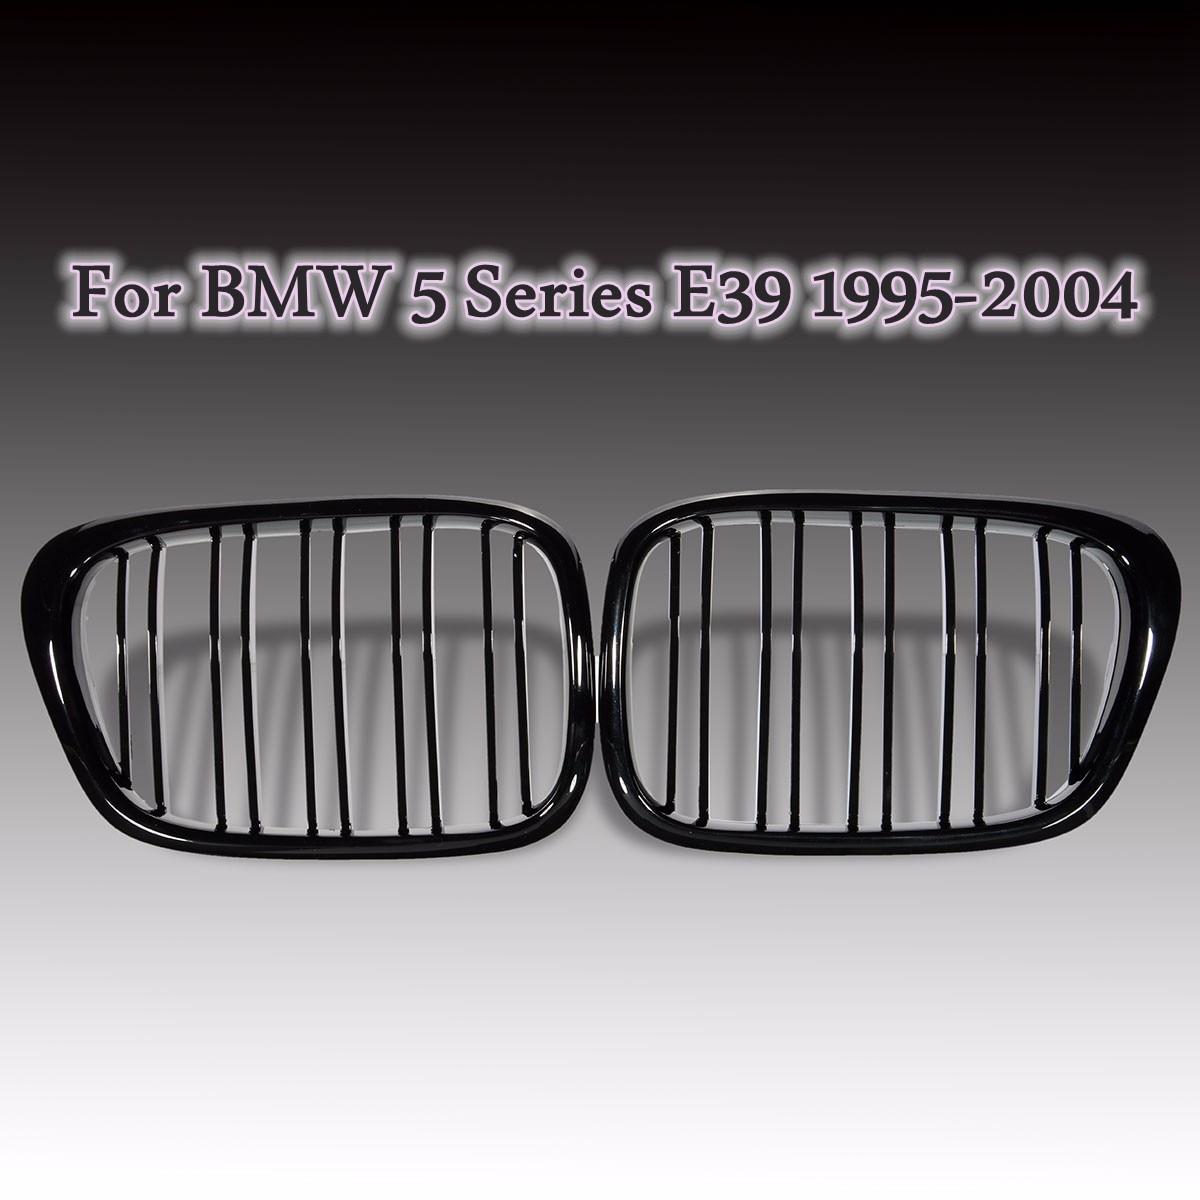 Paire Noir Brillant Avant Automatique Calandre Réniforme Grilles Pour BMW E39 M5 5 Série 525i 528i 530i 540i 1995-1999 2000 2001 2002 2004